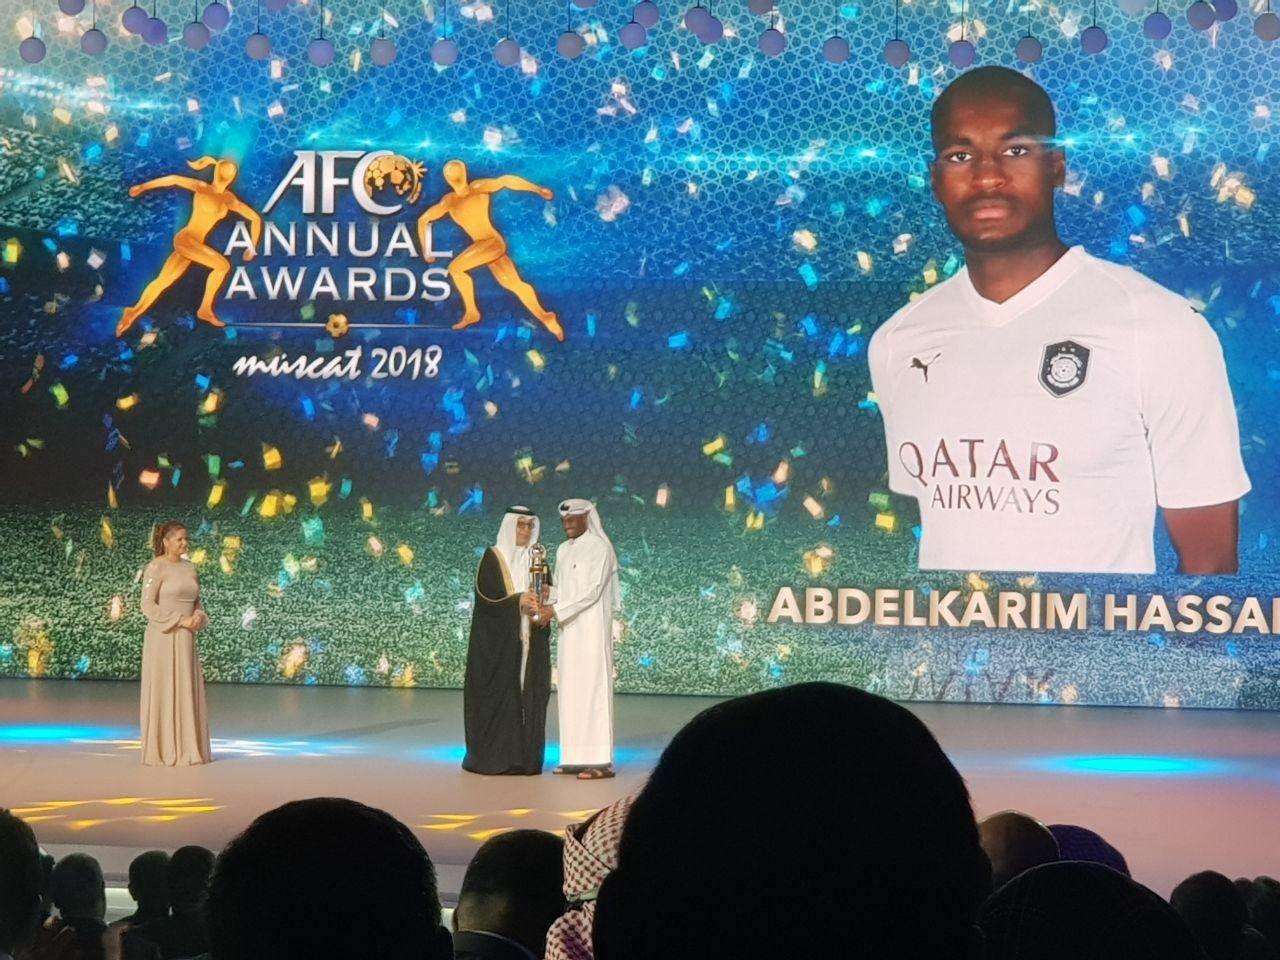 لحظه به لحظه با مراسم انتخاب بهترینهای آسیا